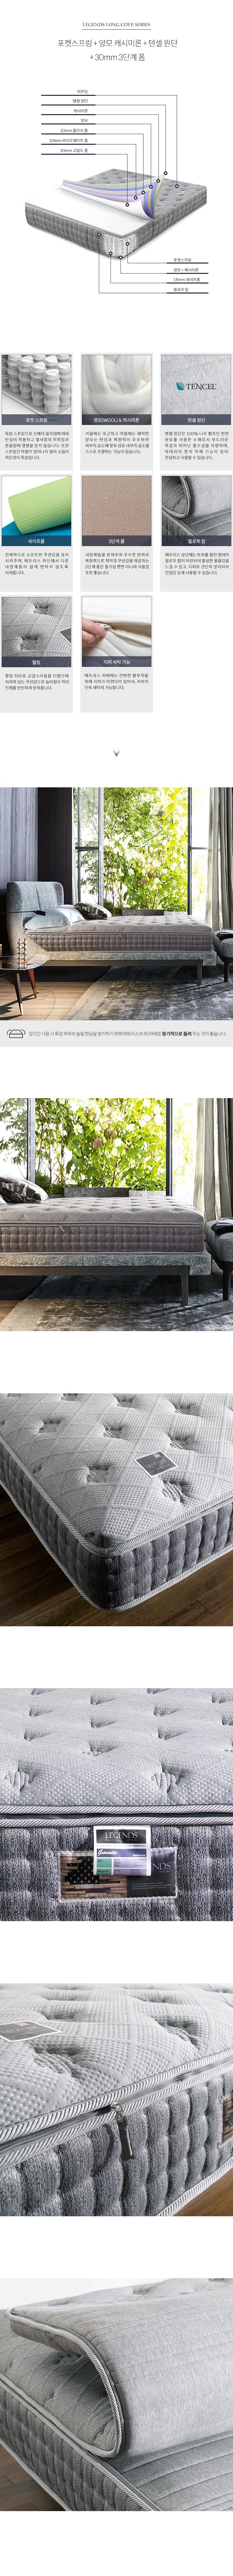 Long-Cove_mattress-Structure.jpg